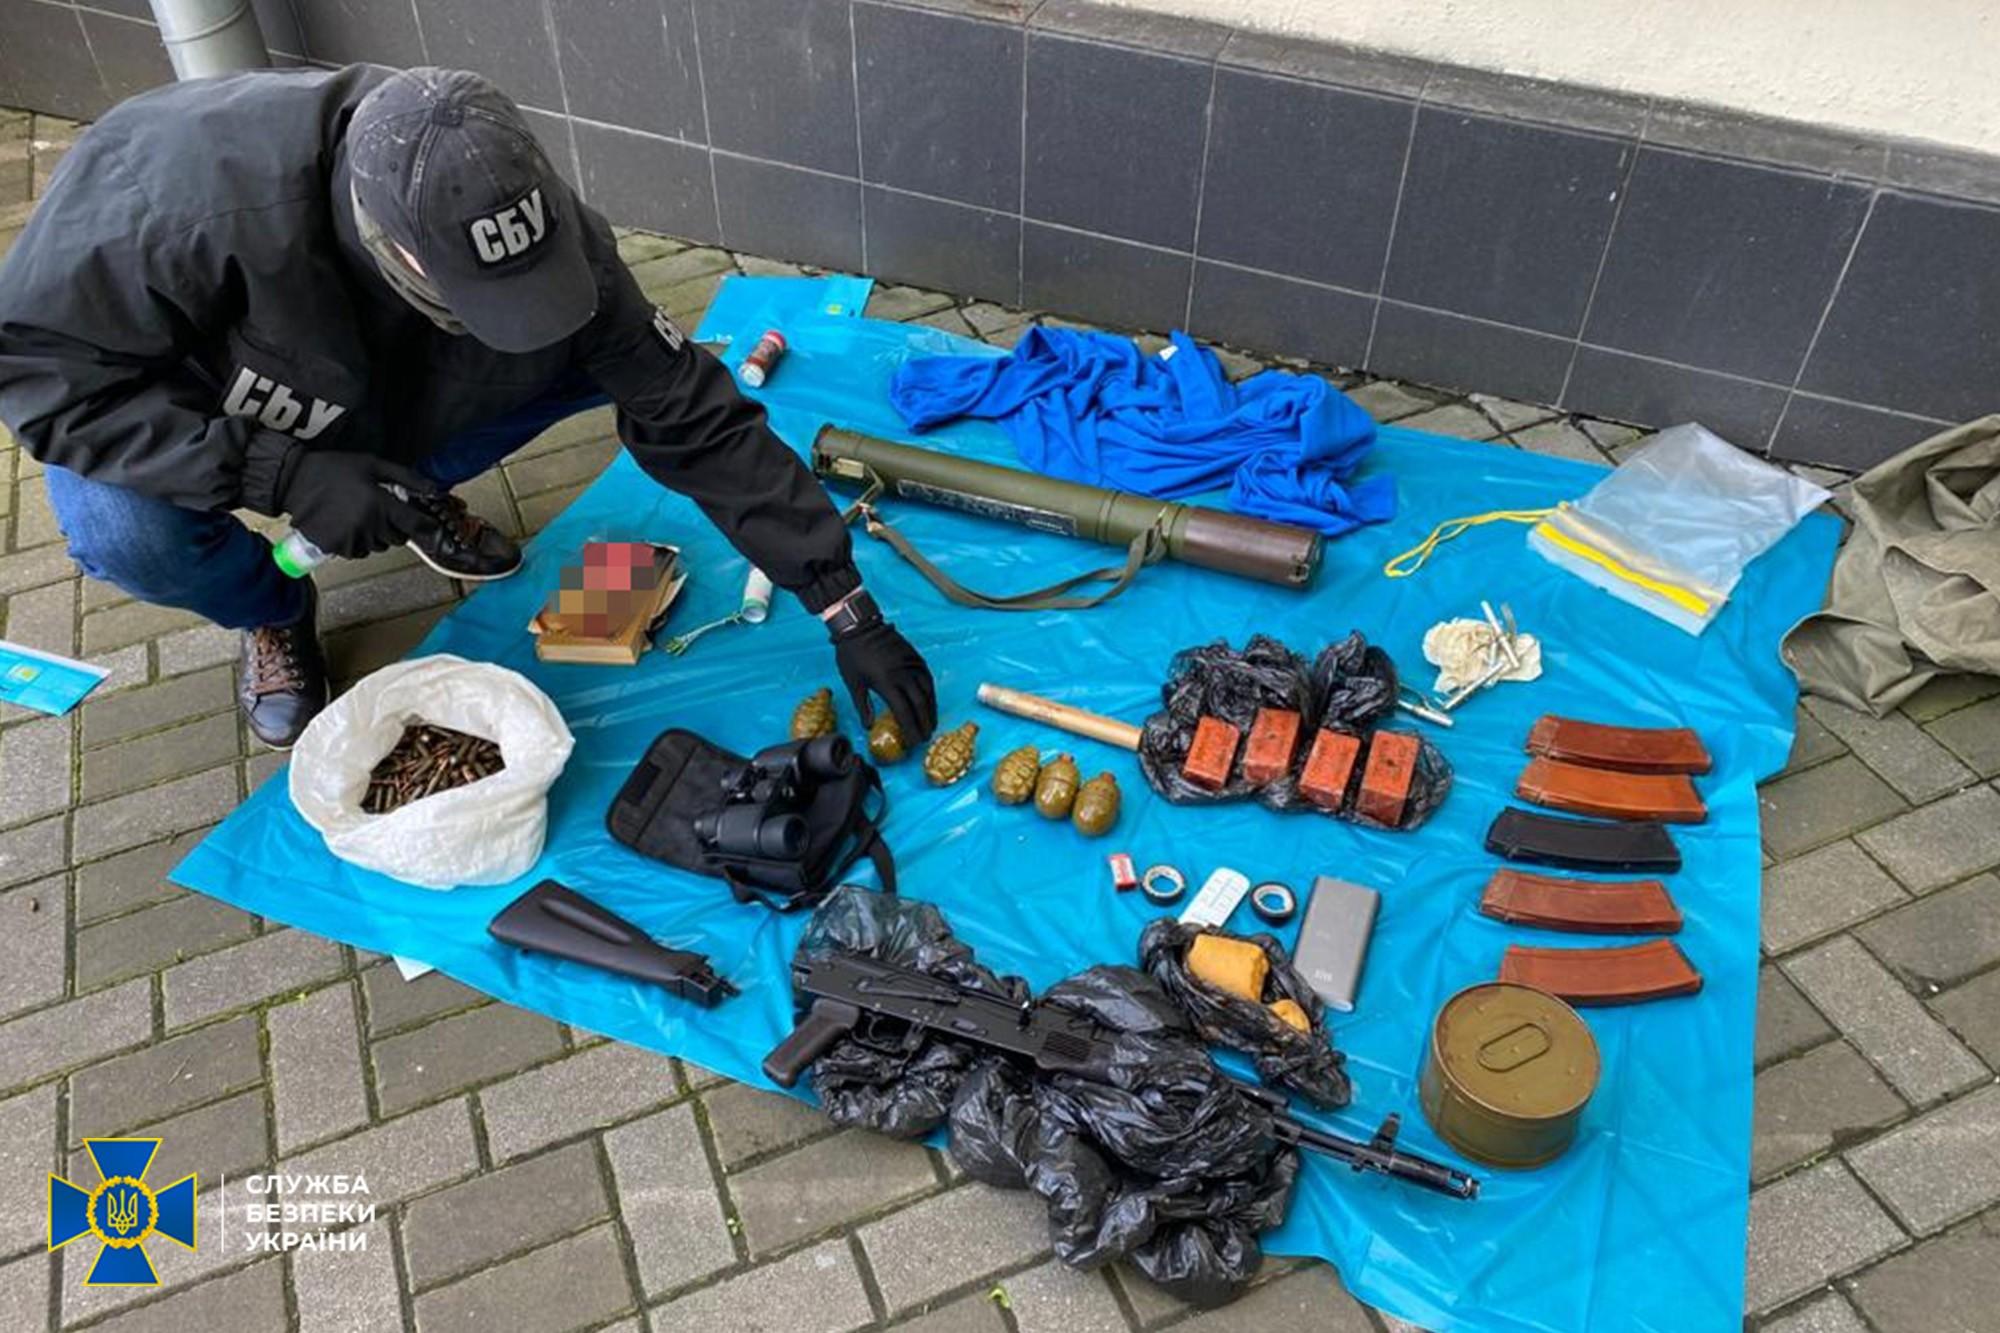 Схрон з боєприпасами в центрі Києва виявила СБУ